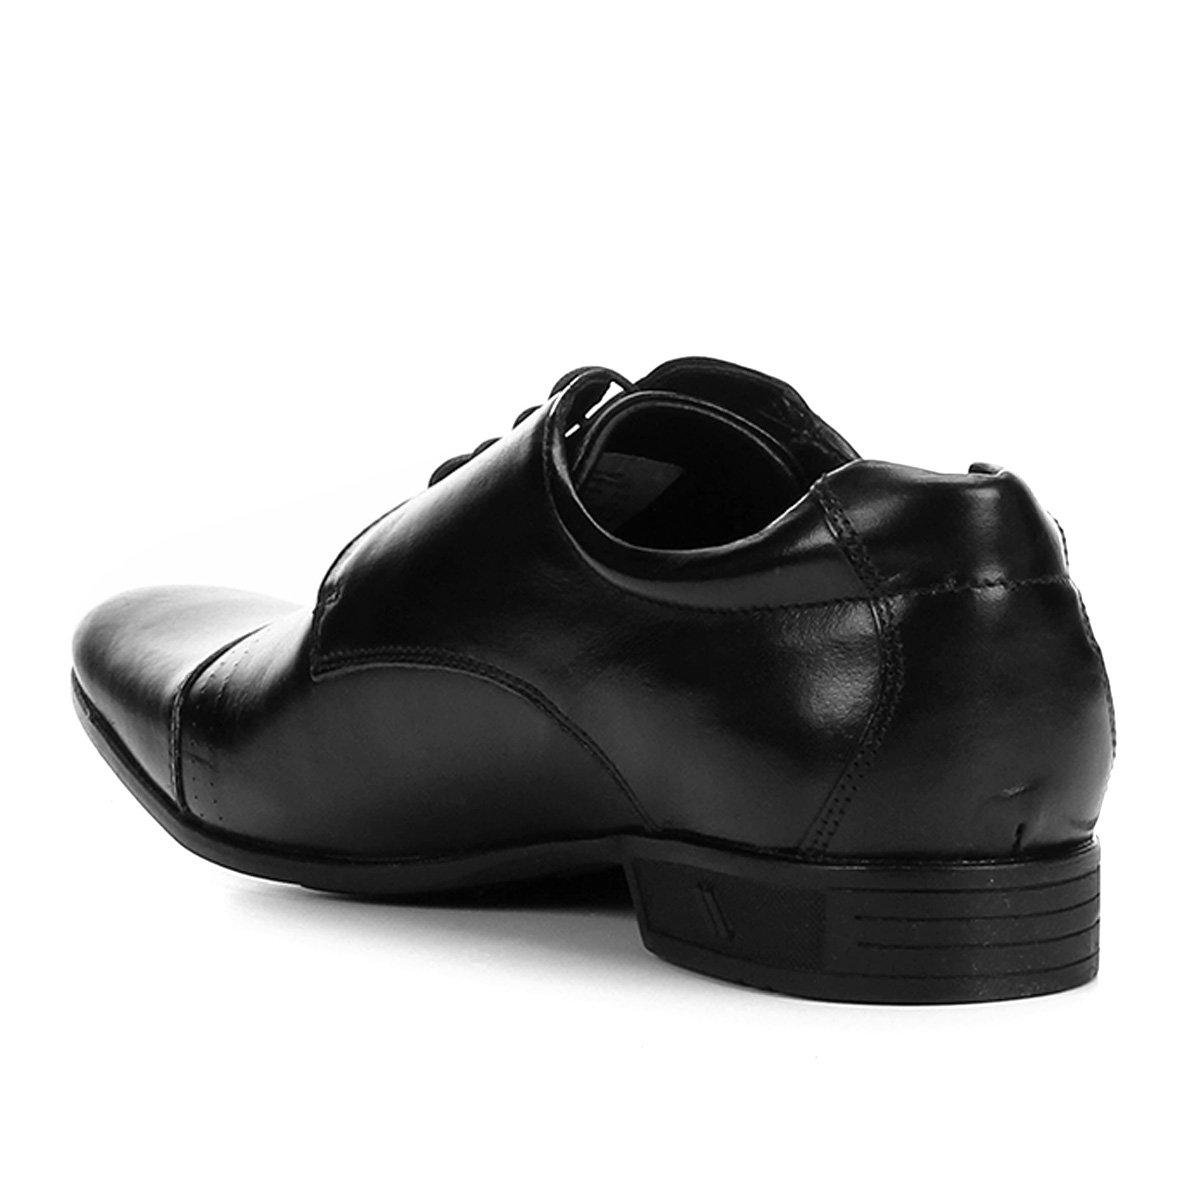 Rafarillo Preto Detalhe Social Vegas Couro Costura Masculino Sapato New pTEx6wgAq